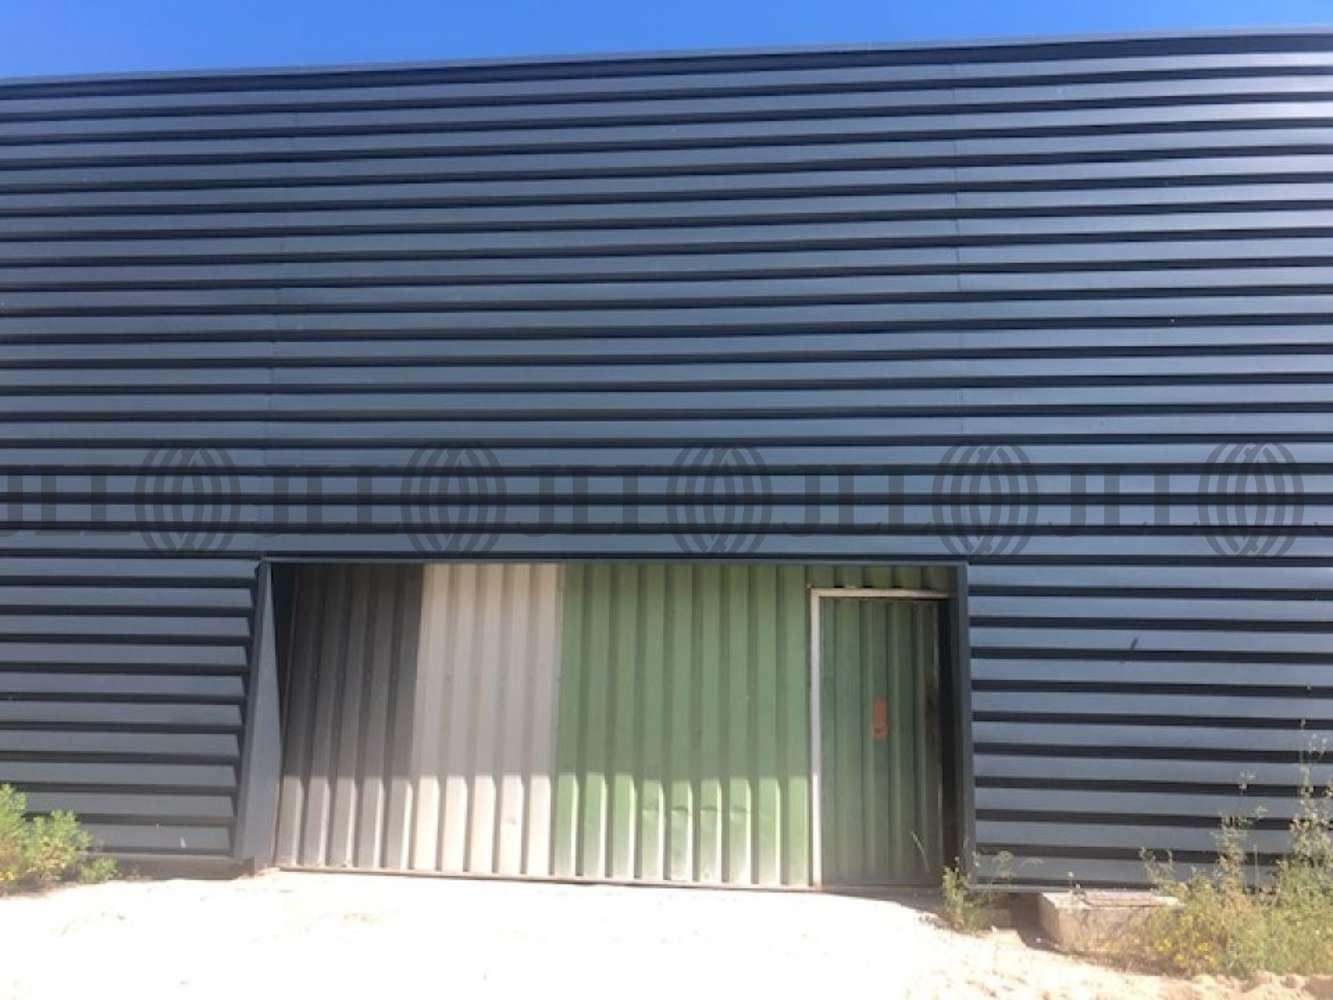 Activités/entrepôt St jean de vedas, 34430 - 27 RUE CLEMENT ADER - 10942098